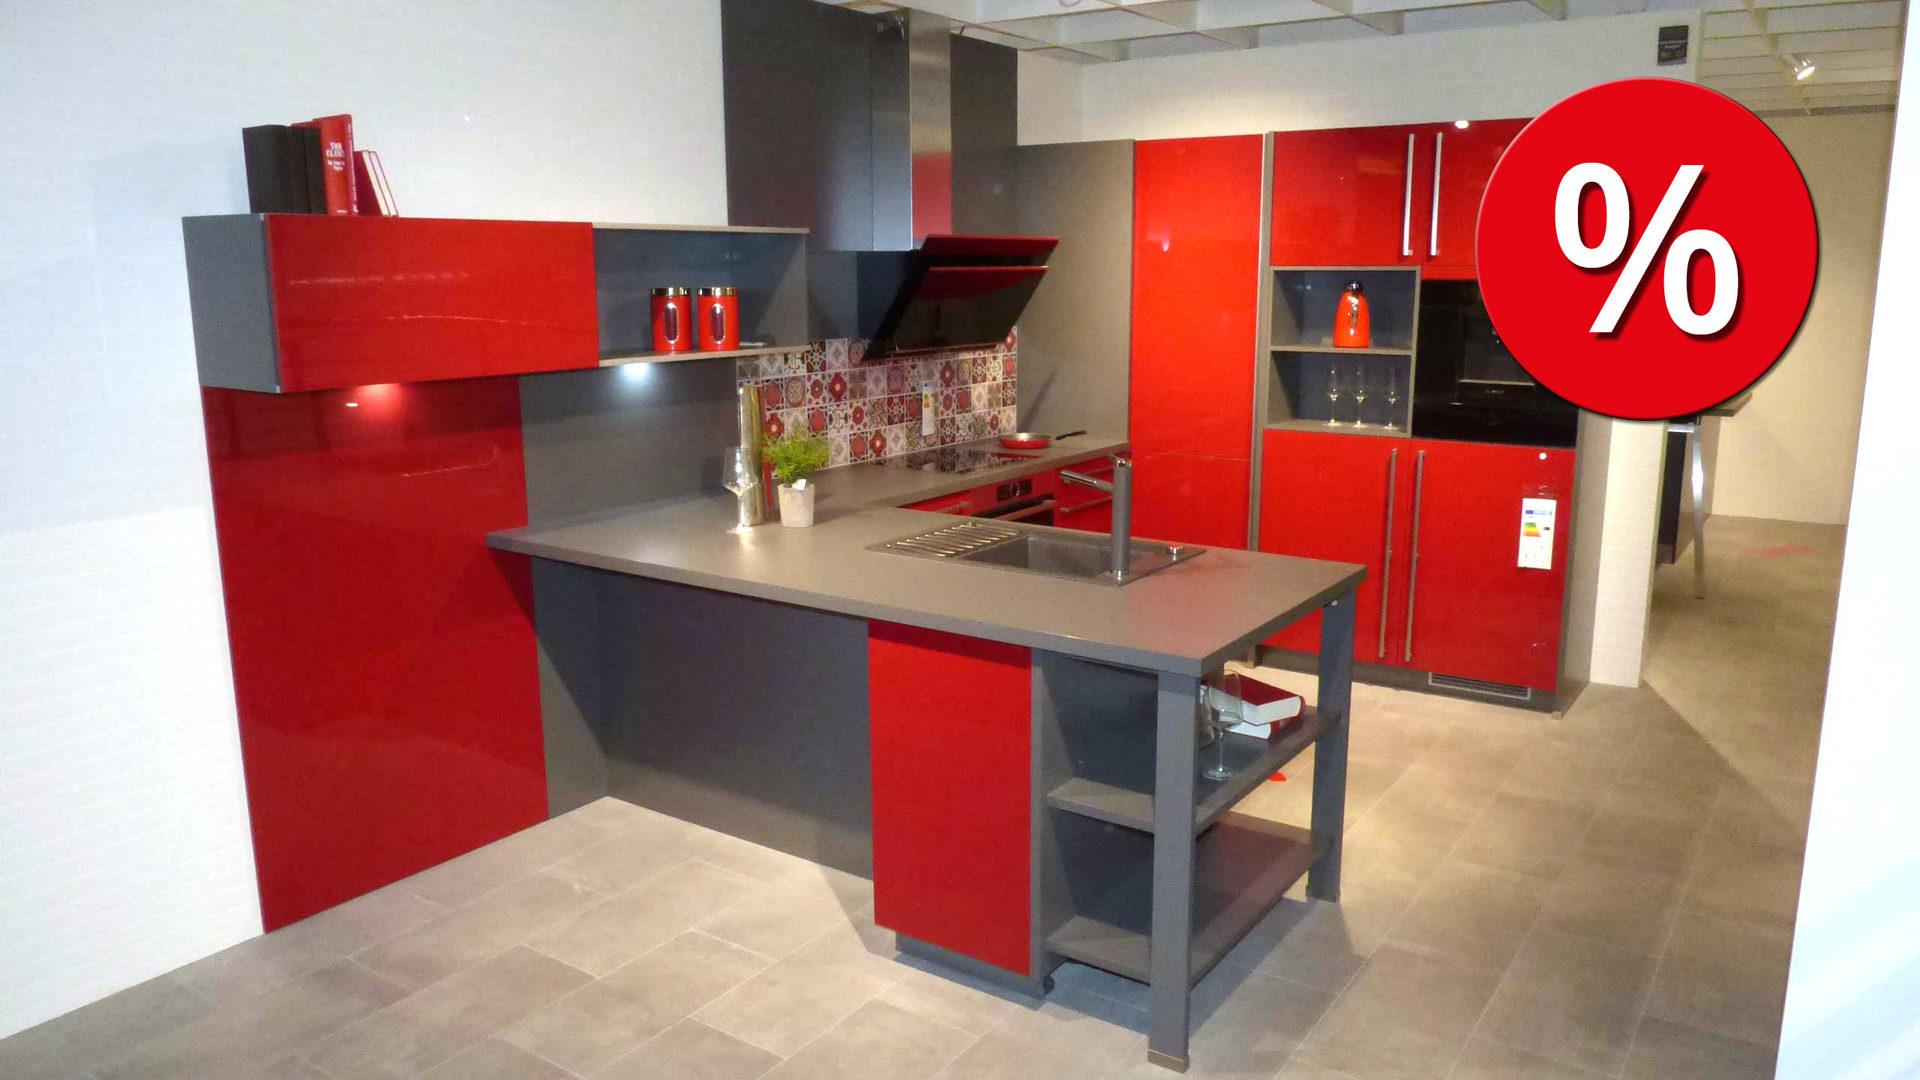 Großartig Küche Themen Rot Galerie - Küchenschrank Ideen - eastbound ...